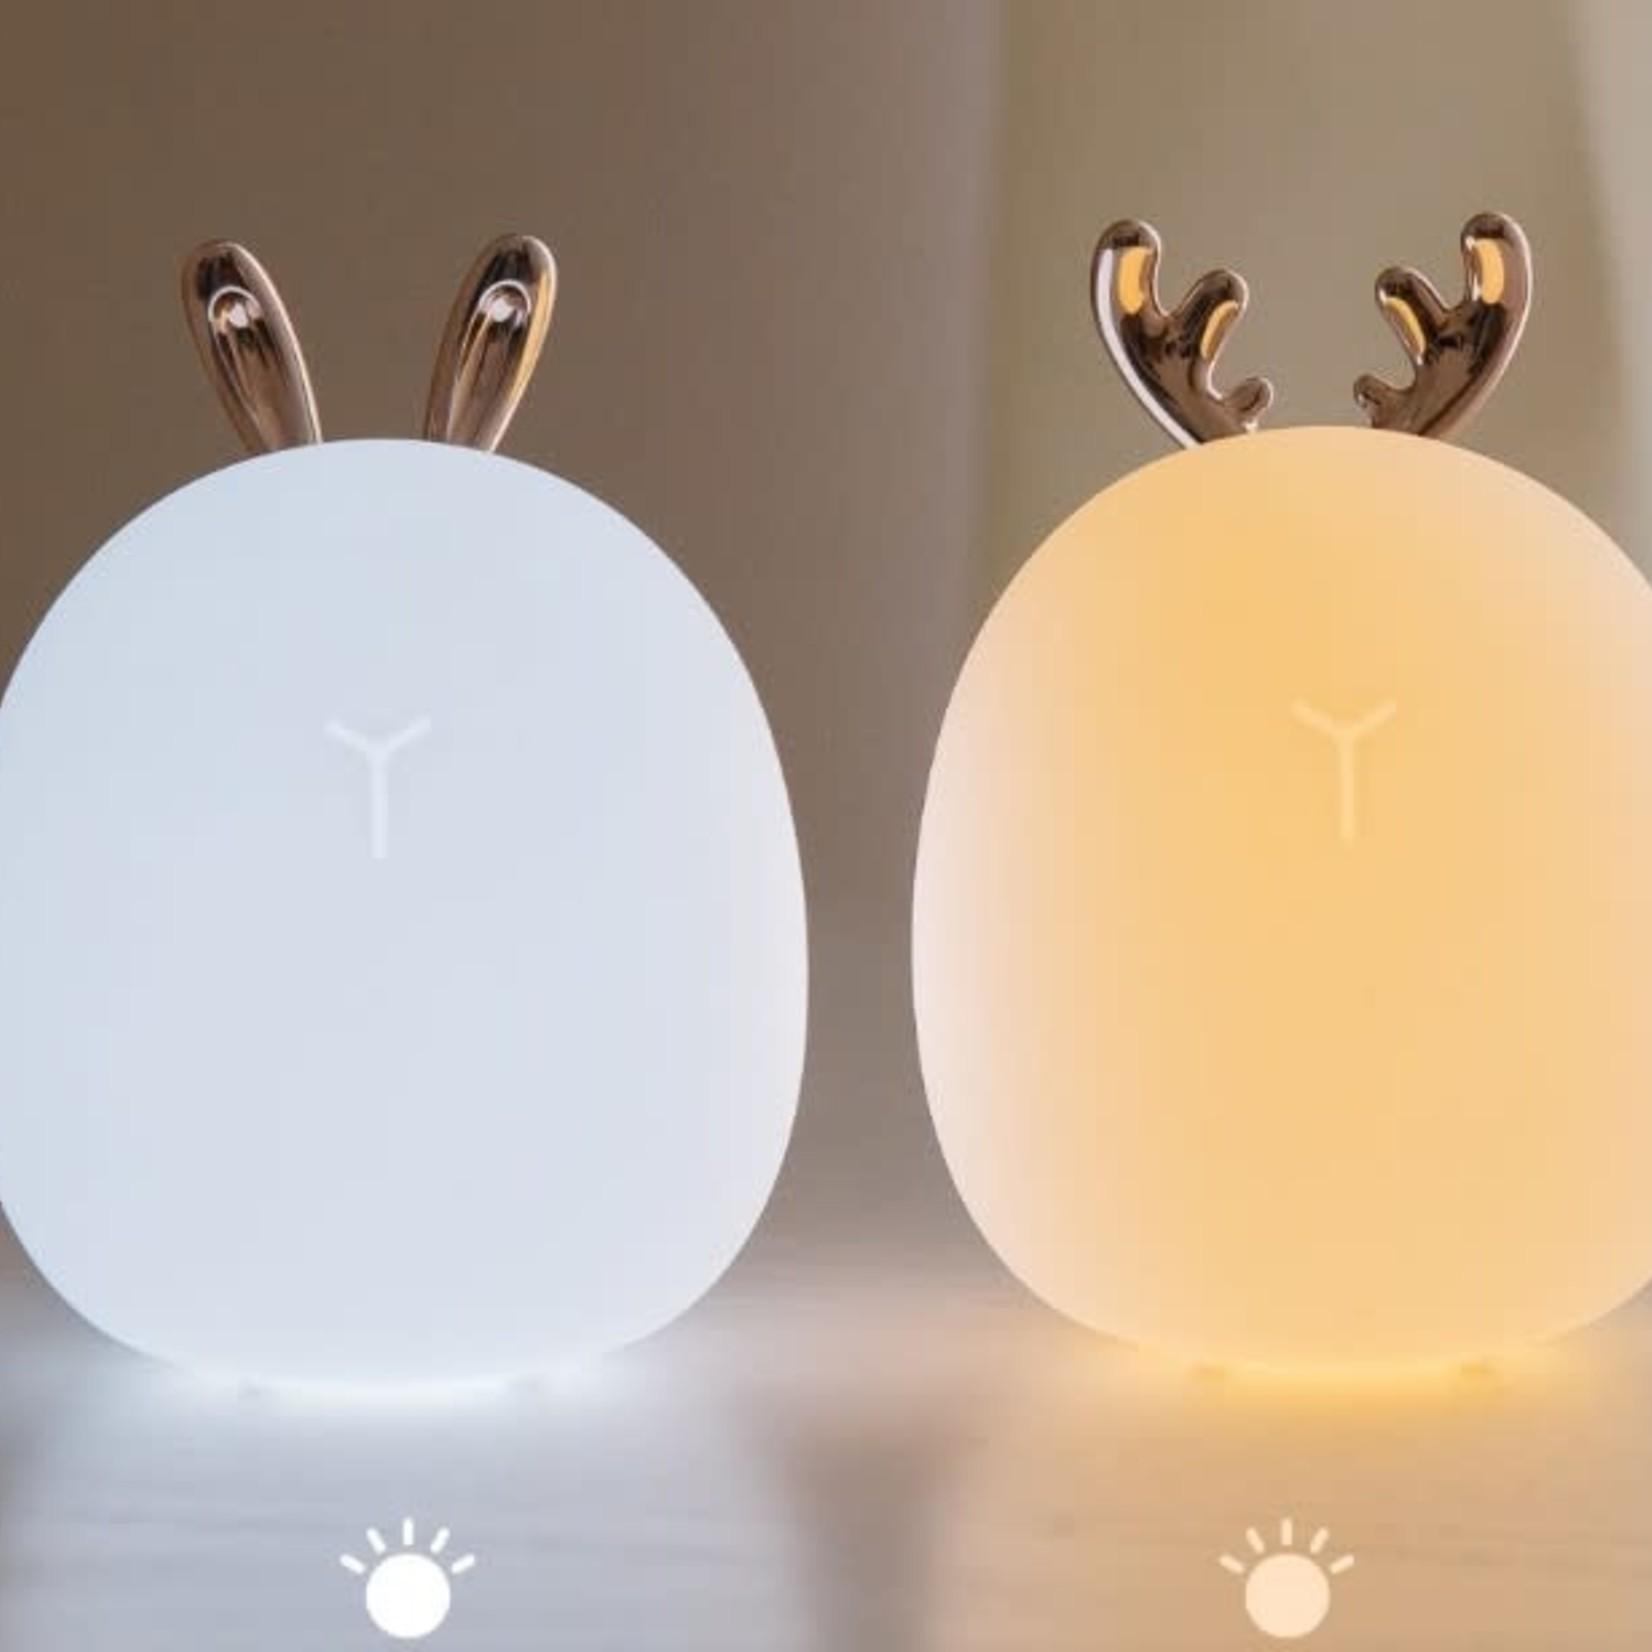 MyKelys Mykelys Led Lamp